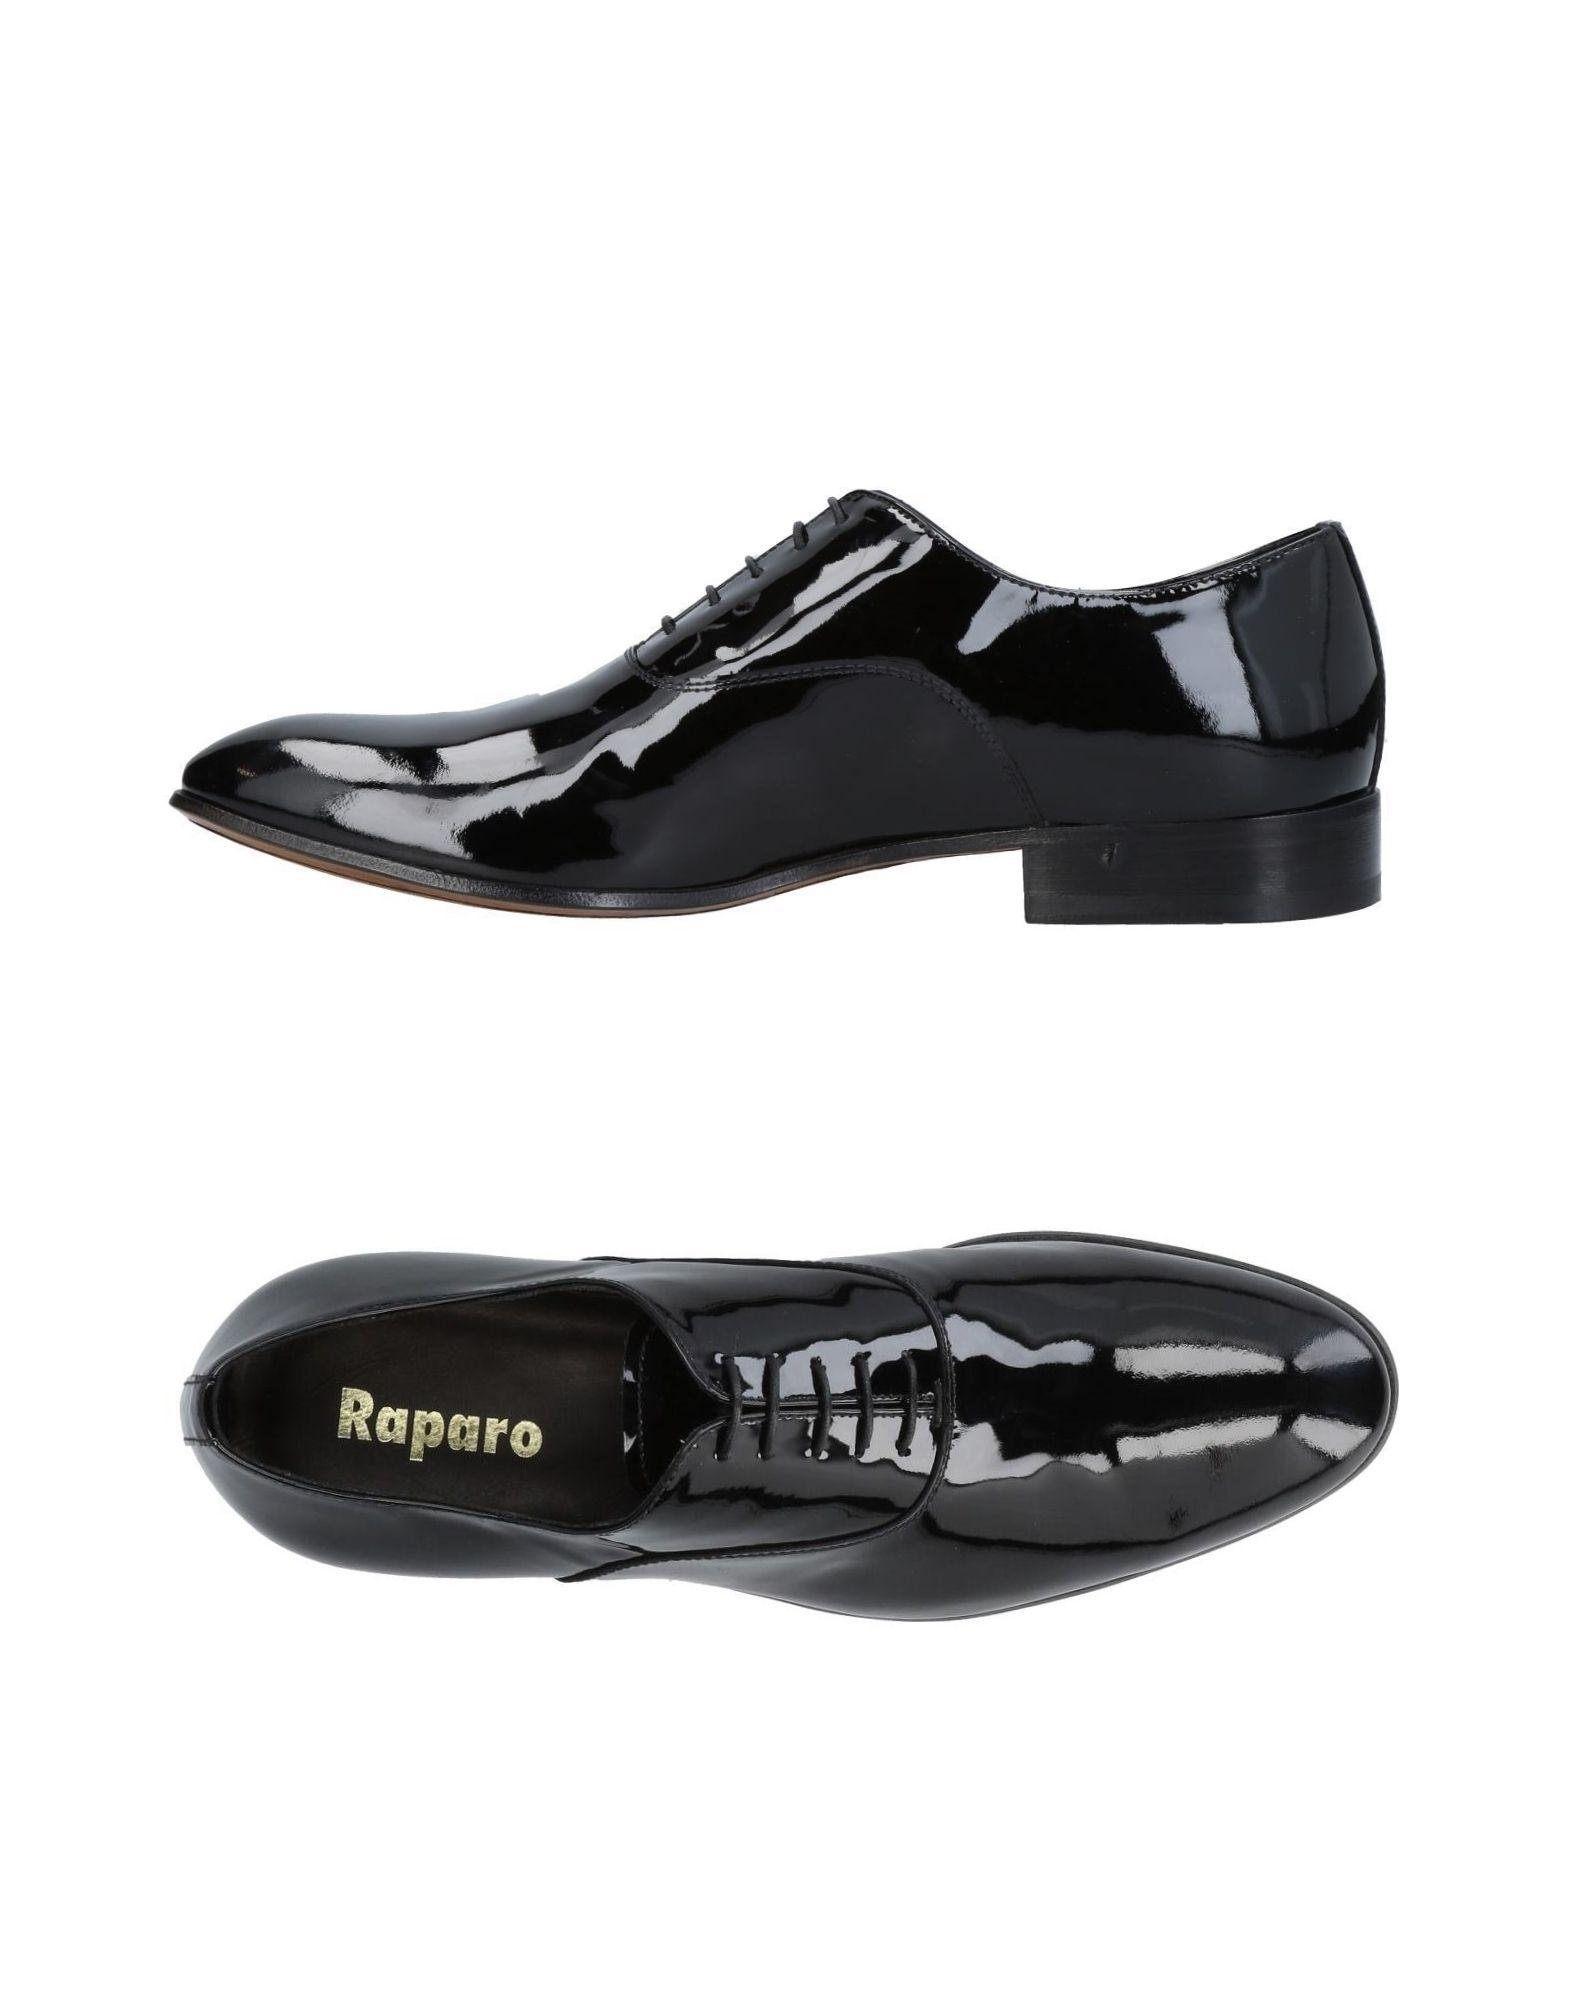 Raparo Schnürschuhe Herren  11419583NX Gute Qualität beliebte Schuhe